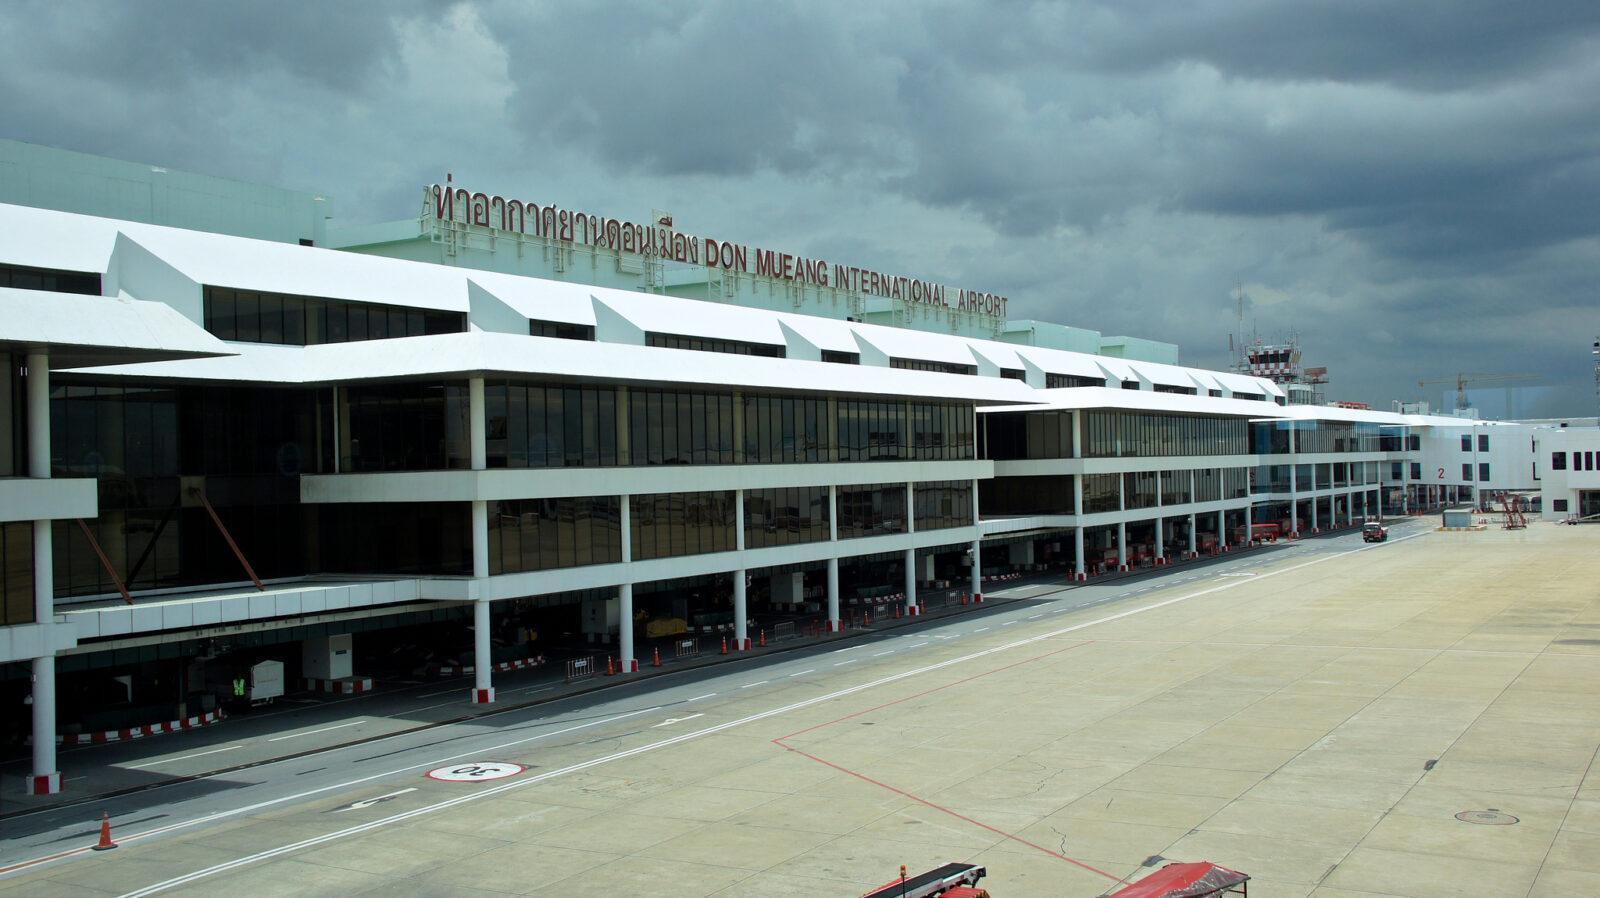 Аэропорт Дон Муанг